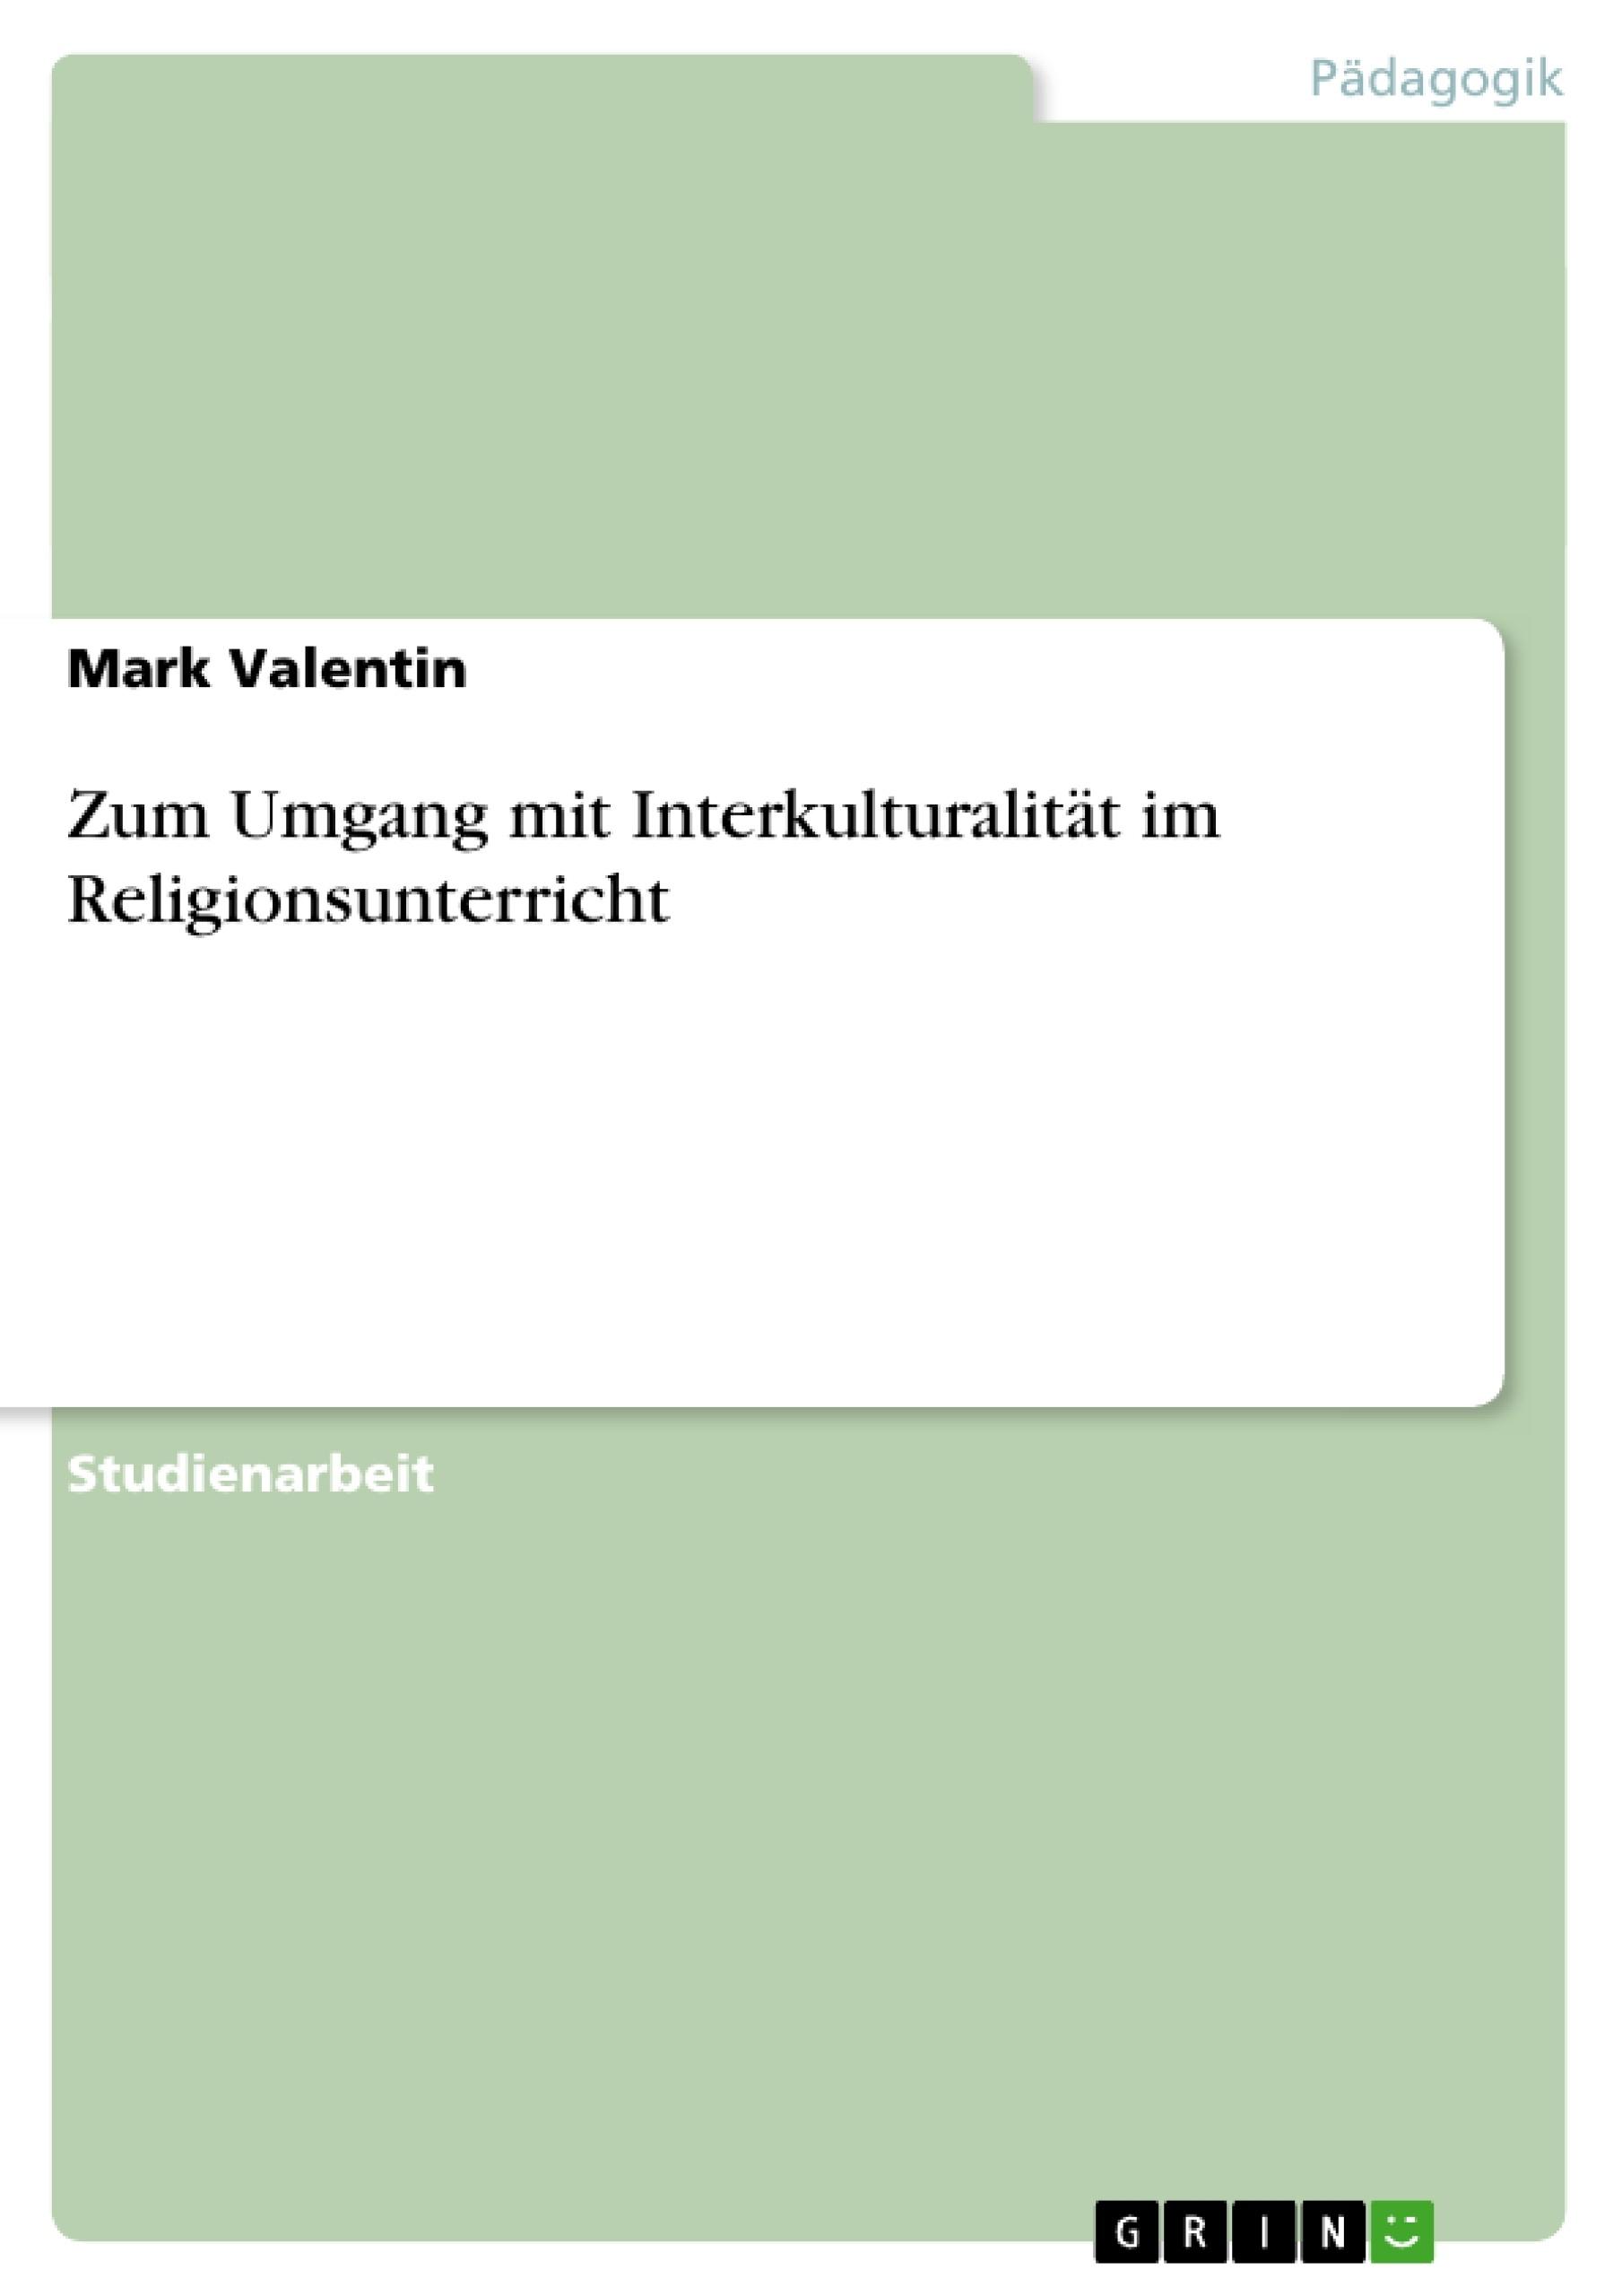 Titel: Zum Umgang mit Interkulturalität im Religionsunterricht